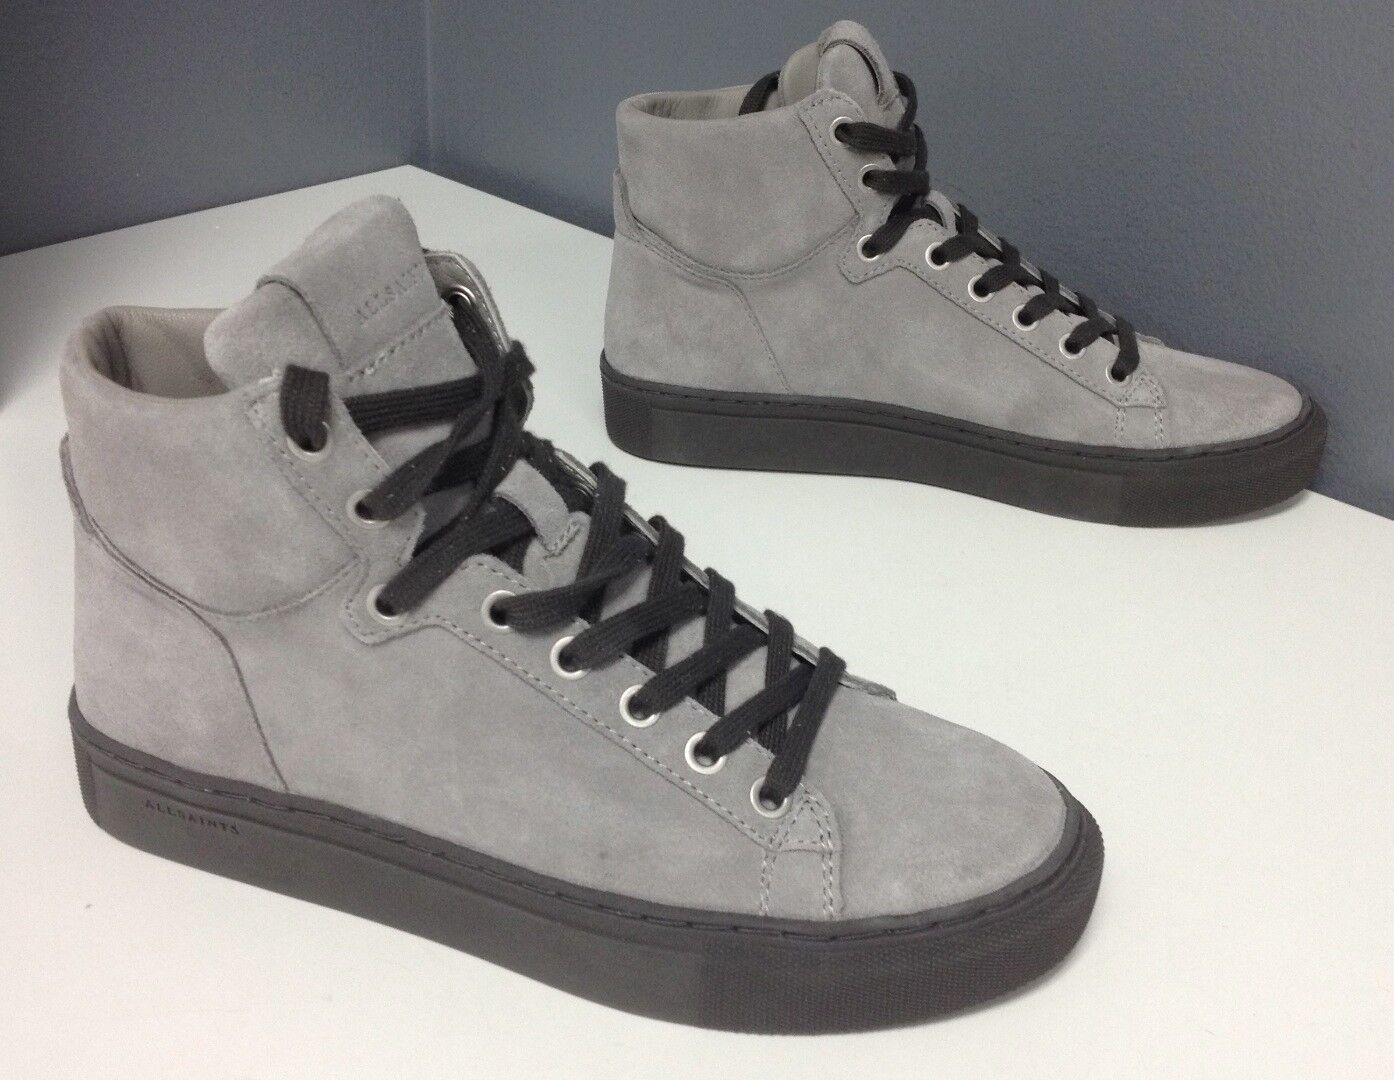 ALL SAINTS NWOB Gris Suede Rubber Sole Noir Trim High Top Sneaker Sz 37 B4503